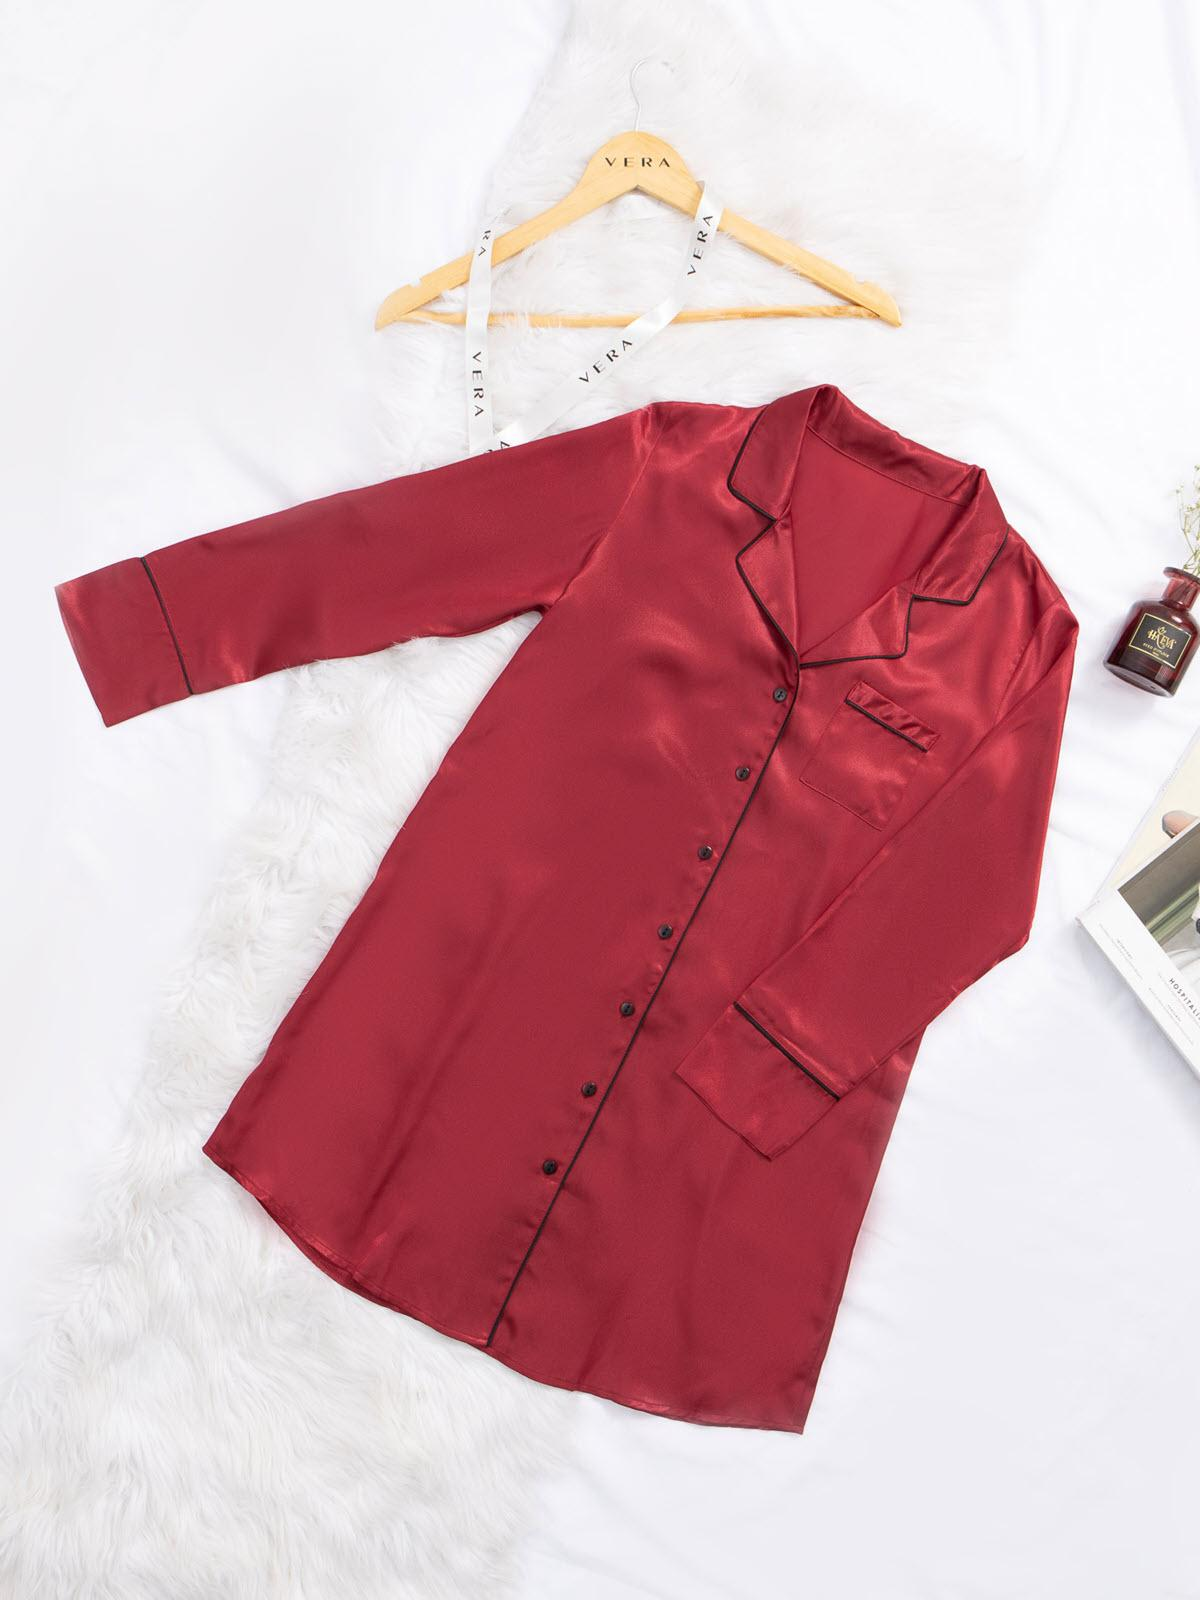 Đầm VERA tay dài satin - 0326